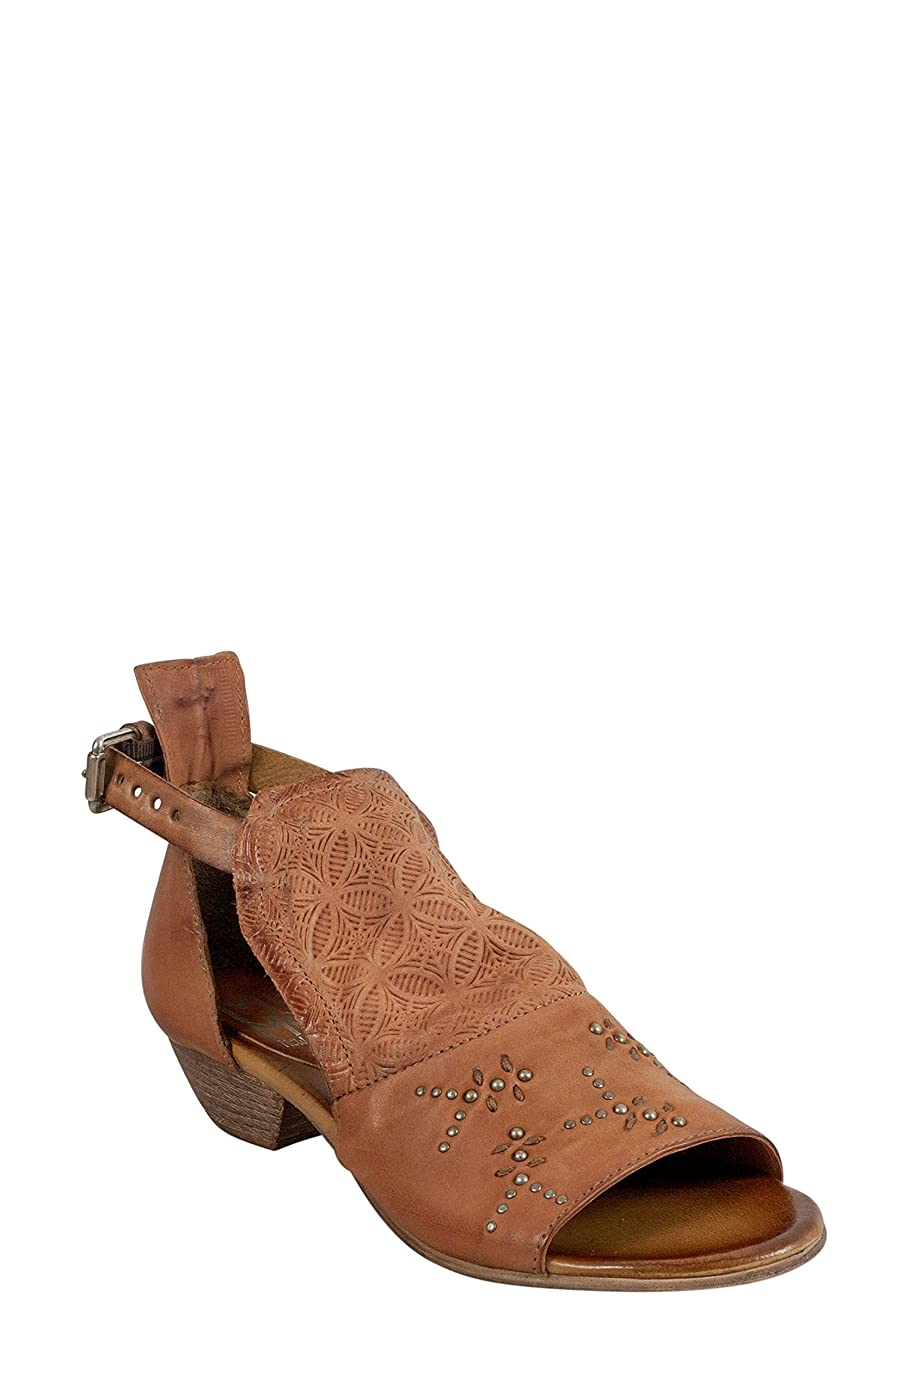 何よりもジェットリビジョンミズムーズ レディース サンダル Miz Mooz Carey Embellished Sandal (Women [並行輸入品]